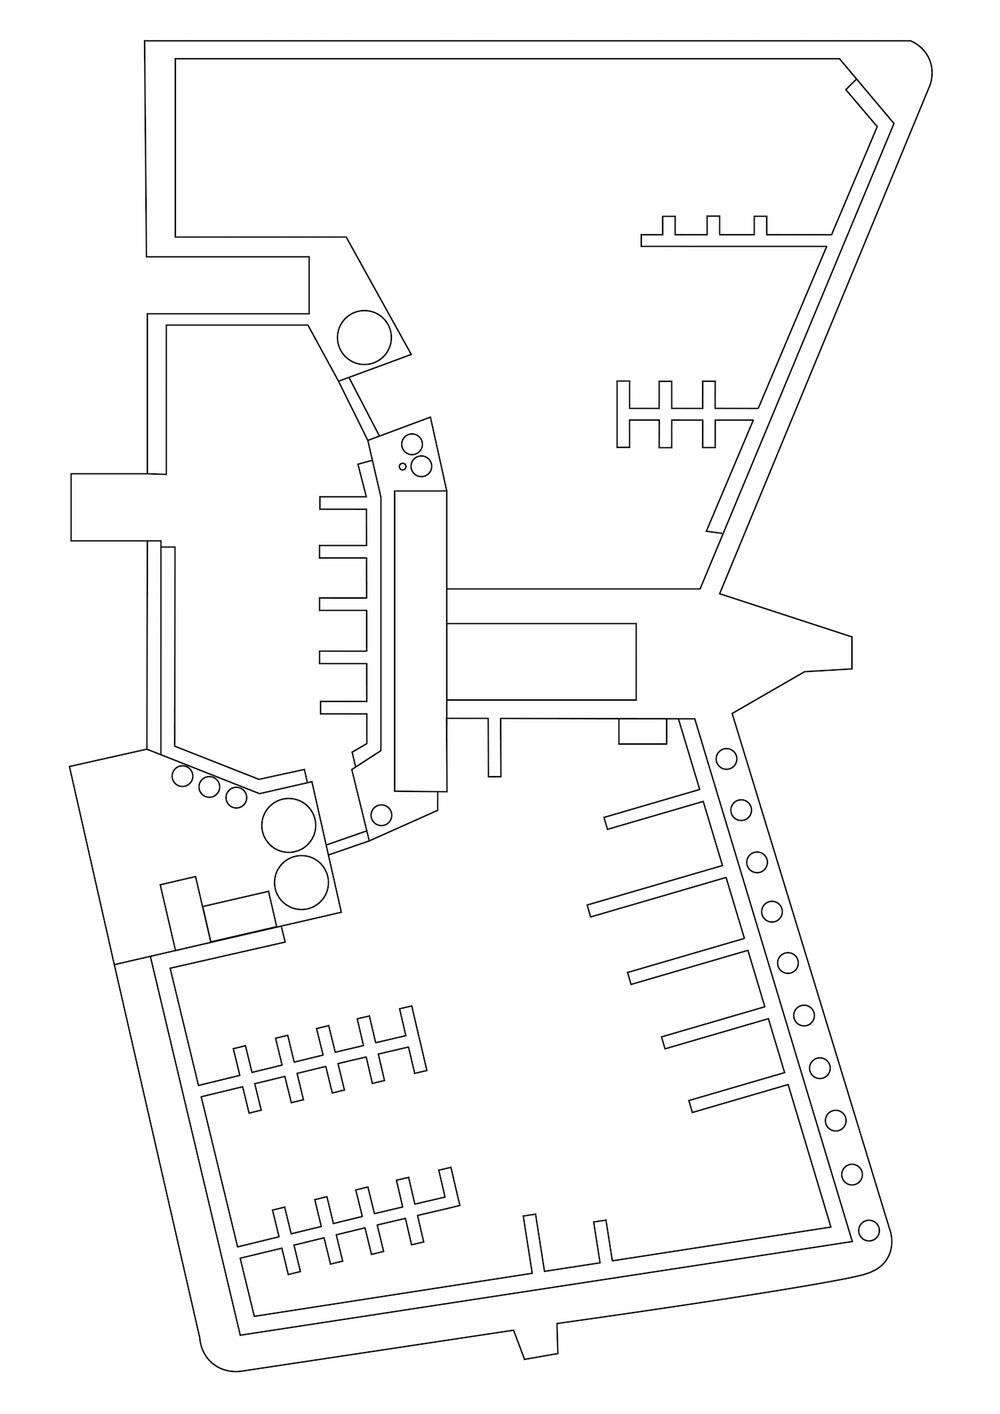 42_Zeichenfläche 1.jpg